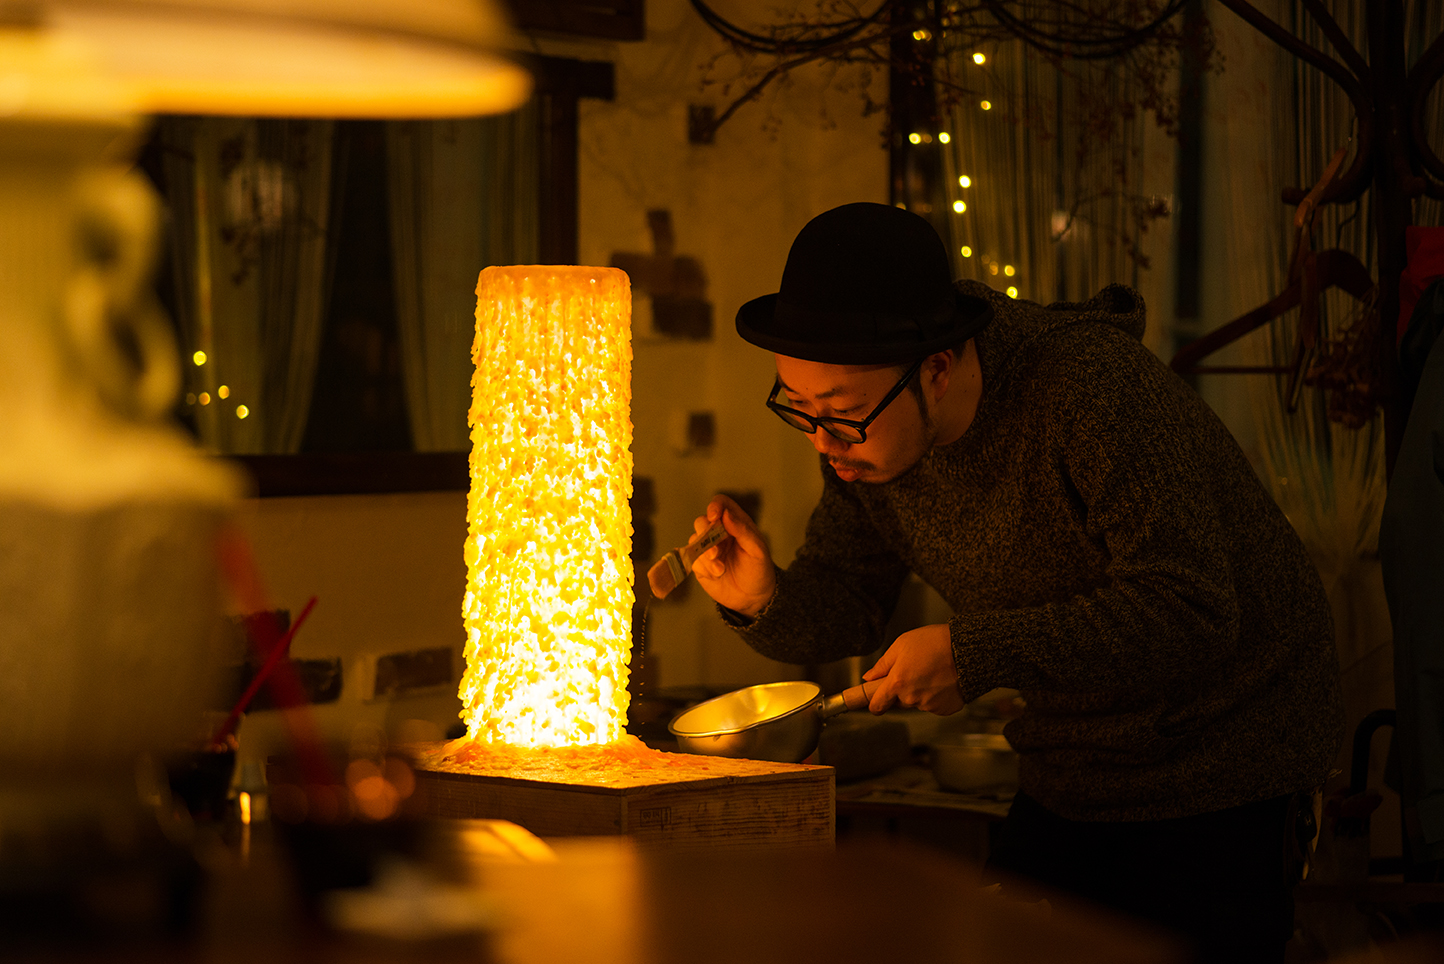 蝋燭作家 馬場 一樹 インタビュー